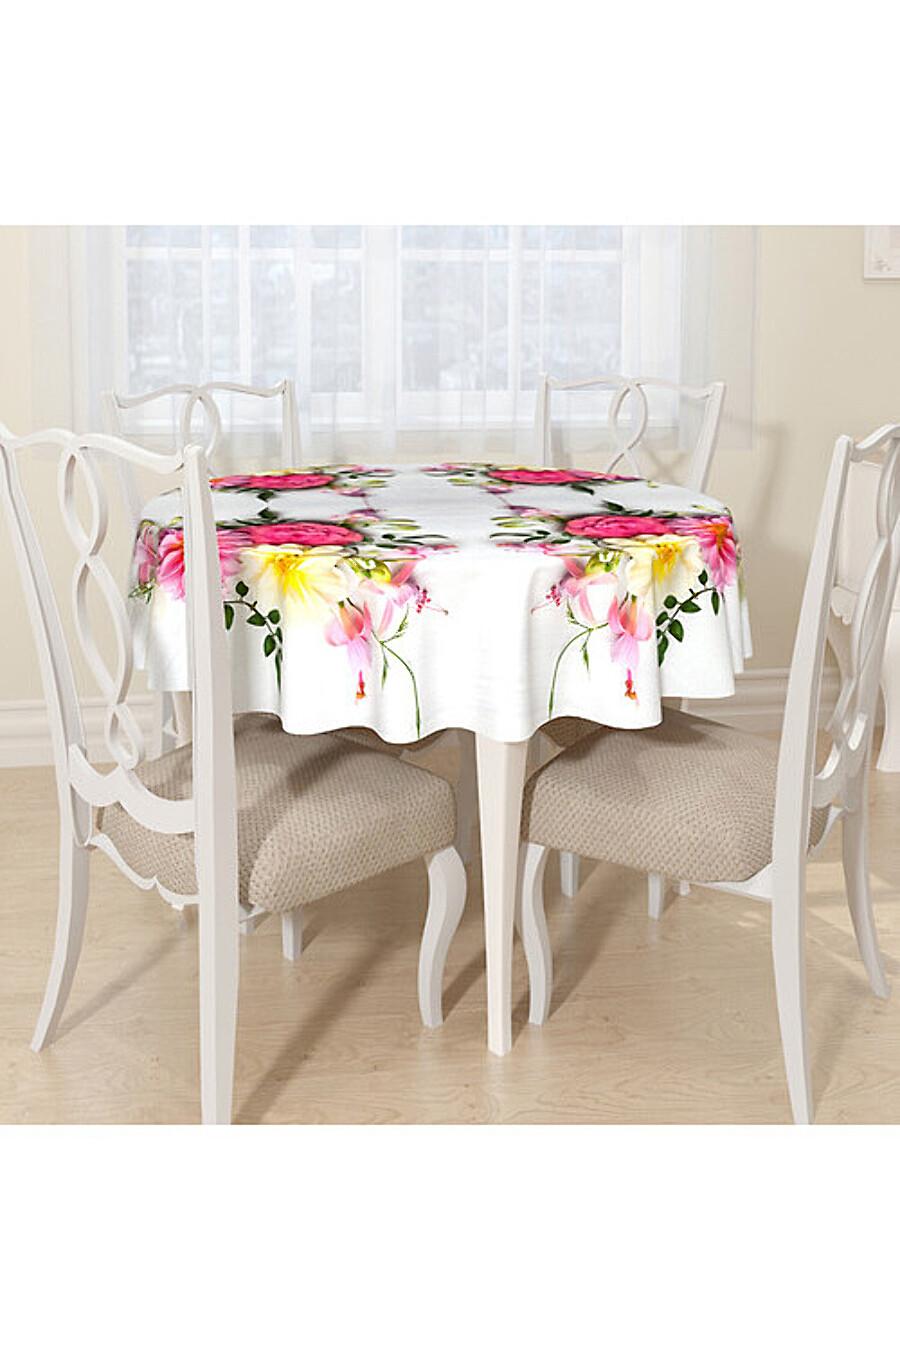 Скатерть для дома ART HOME TEXTILE 180243 купить оптом от производителя. Совместная покупка товаров для дома в OptMoyo